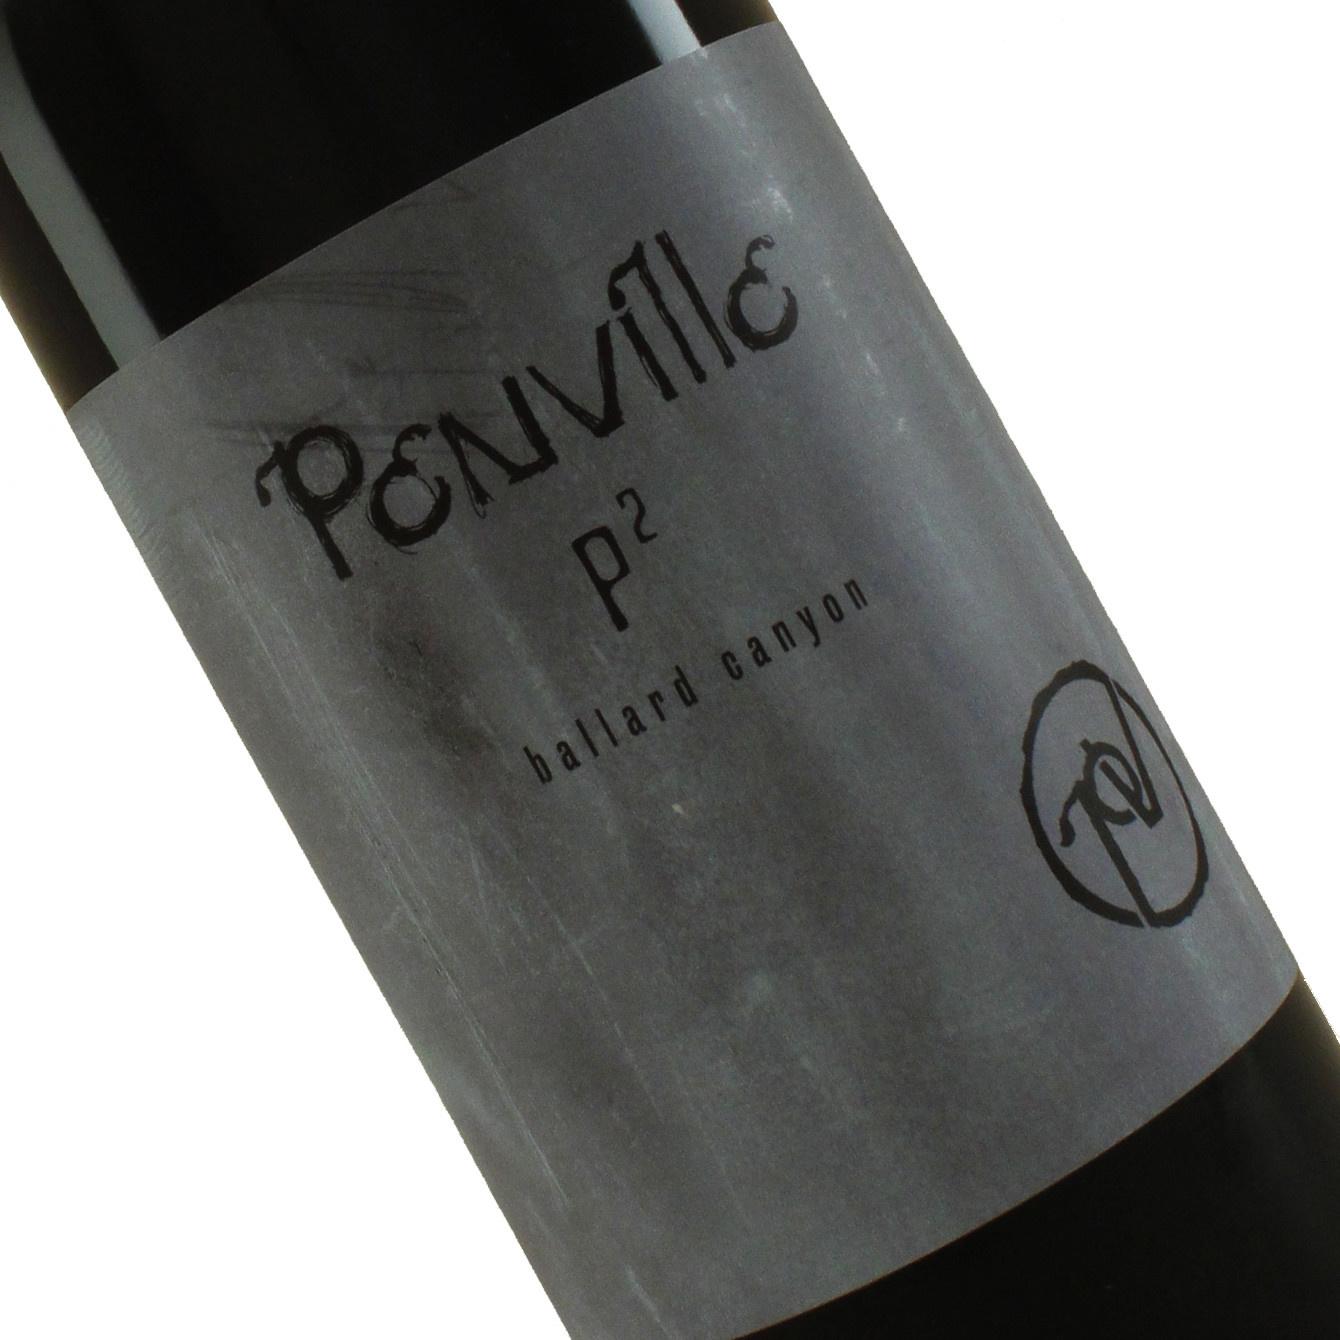 """Penville 2015 Grenache """"P Squared"""" Ballard Canyon, Santa Ynez Valley"""